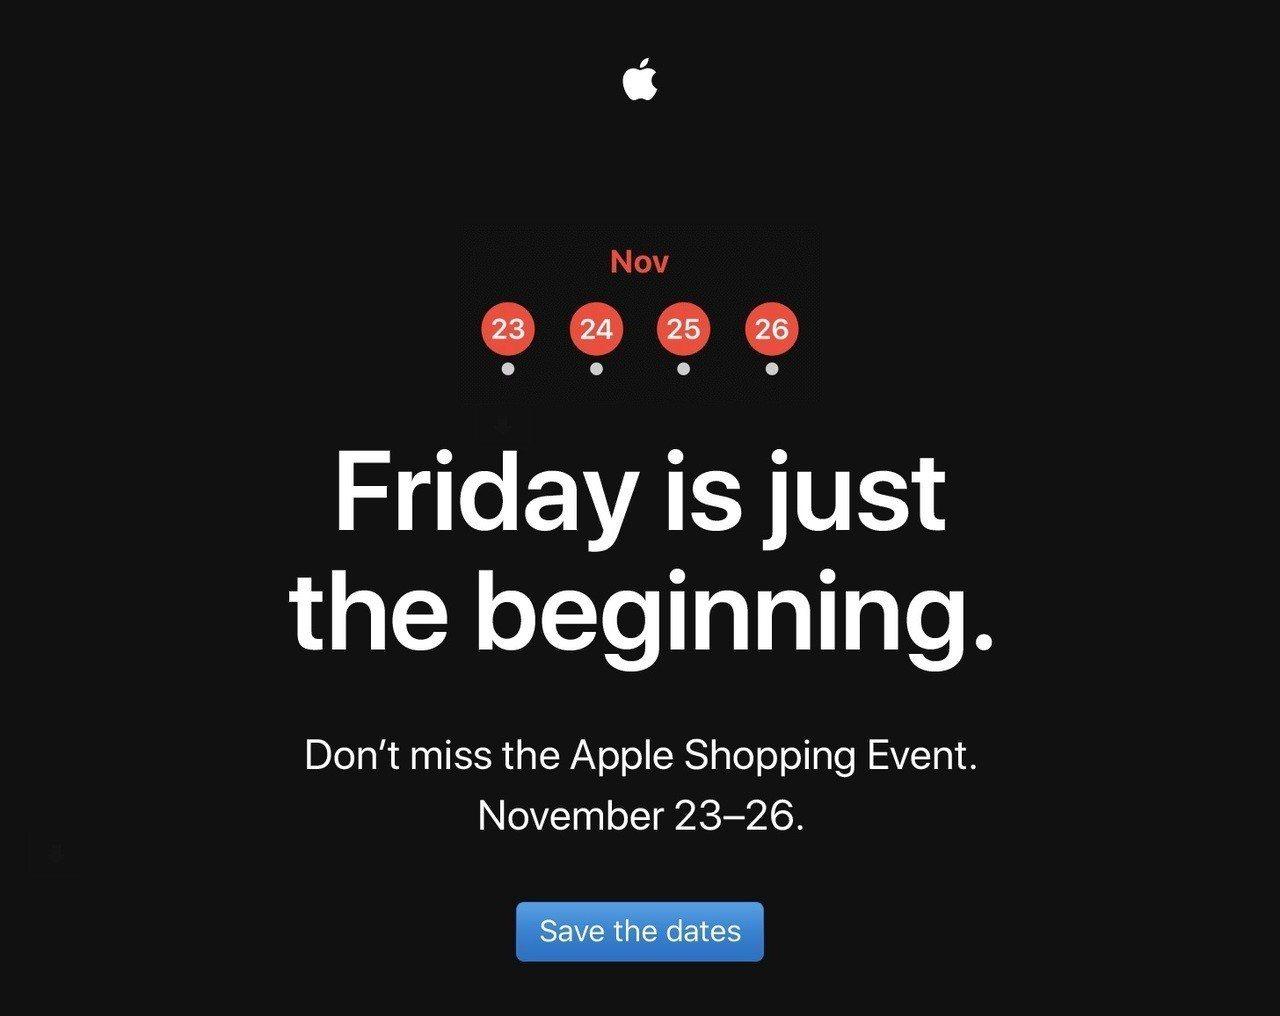 美國蘋果官網也預告即將在11/23至11/26推出購物活動。圖/摘自蘋果官網